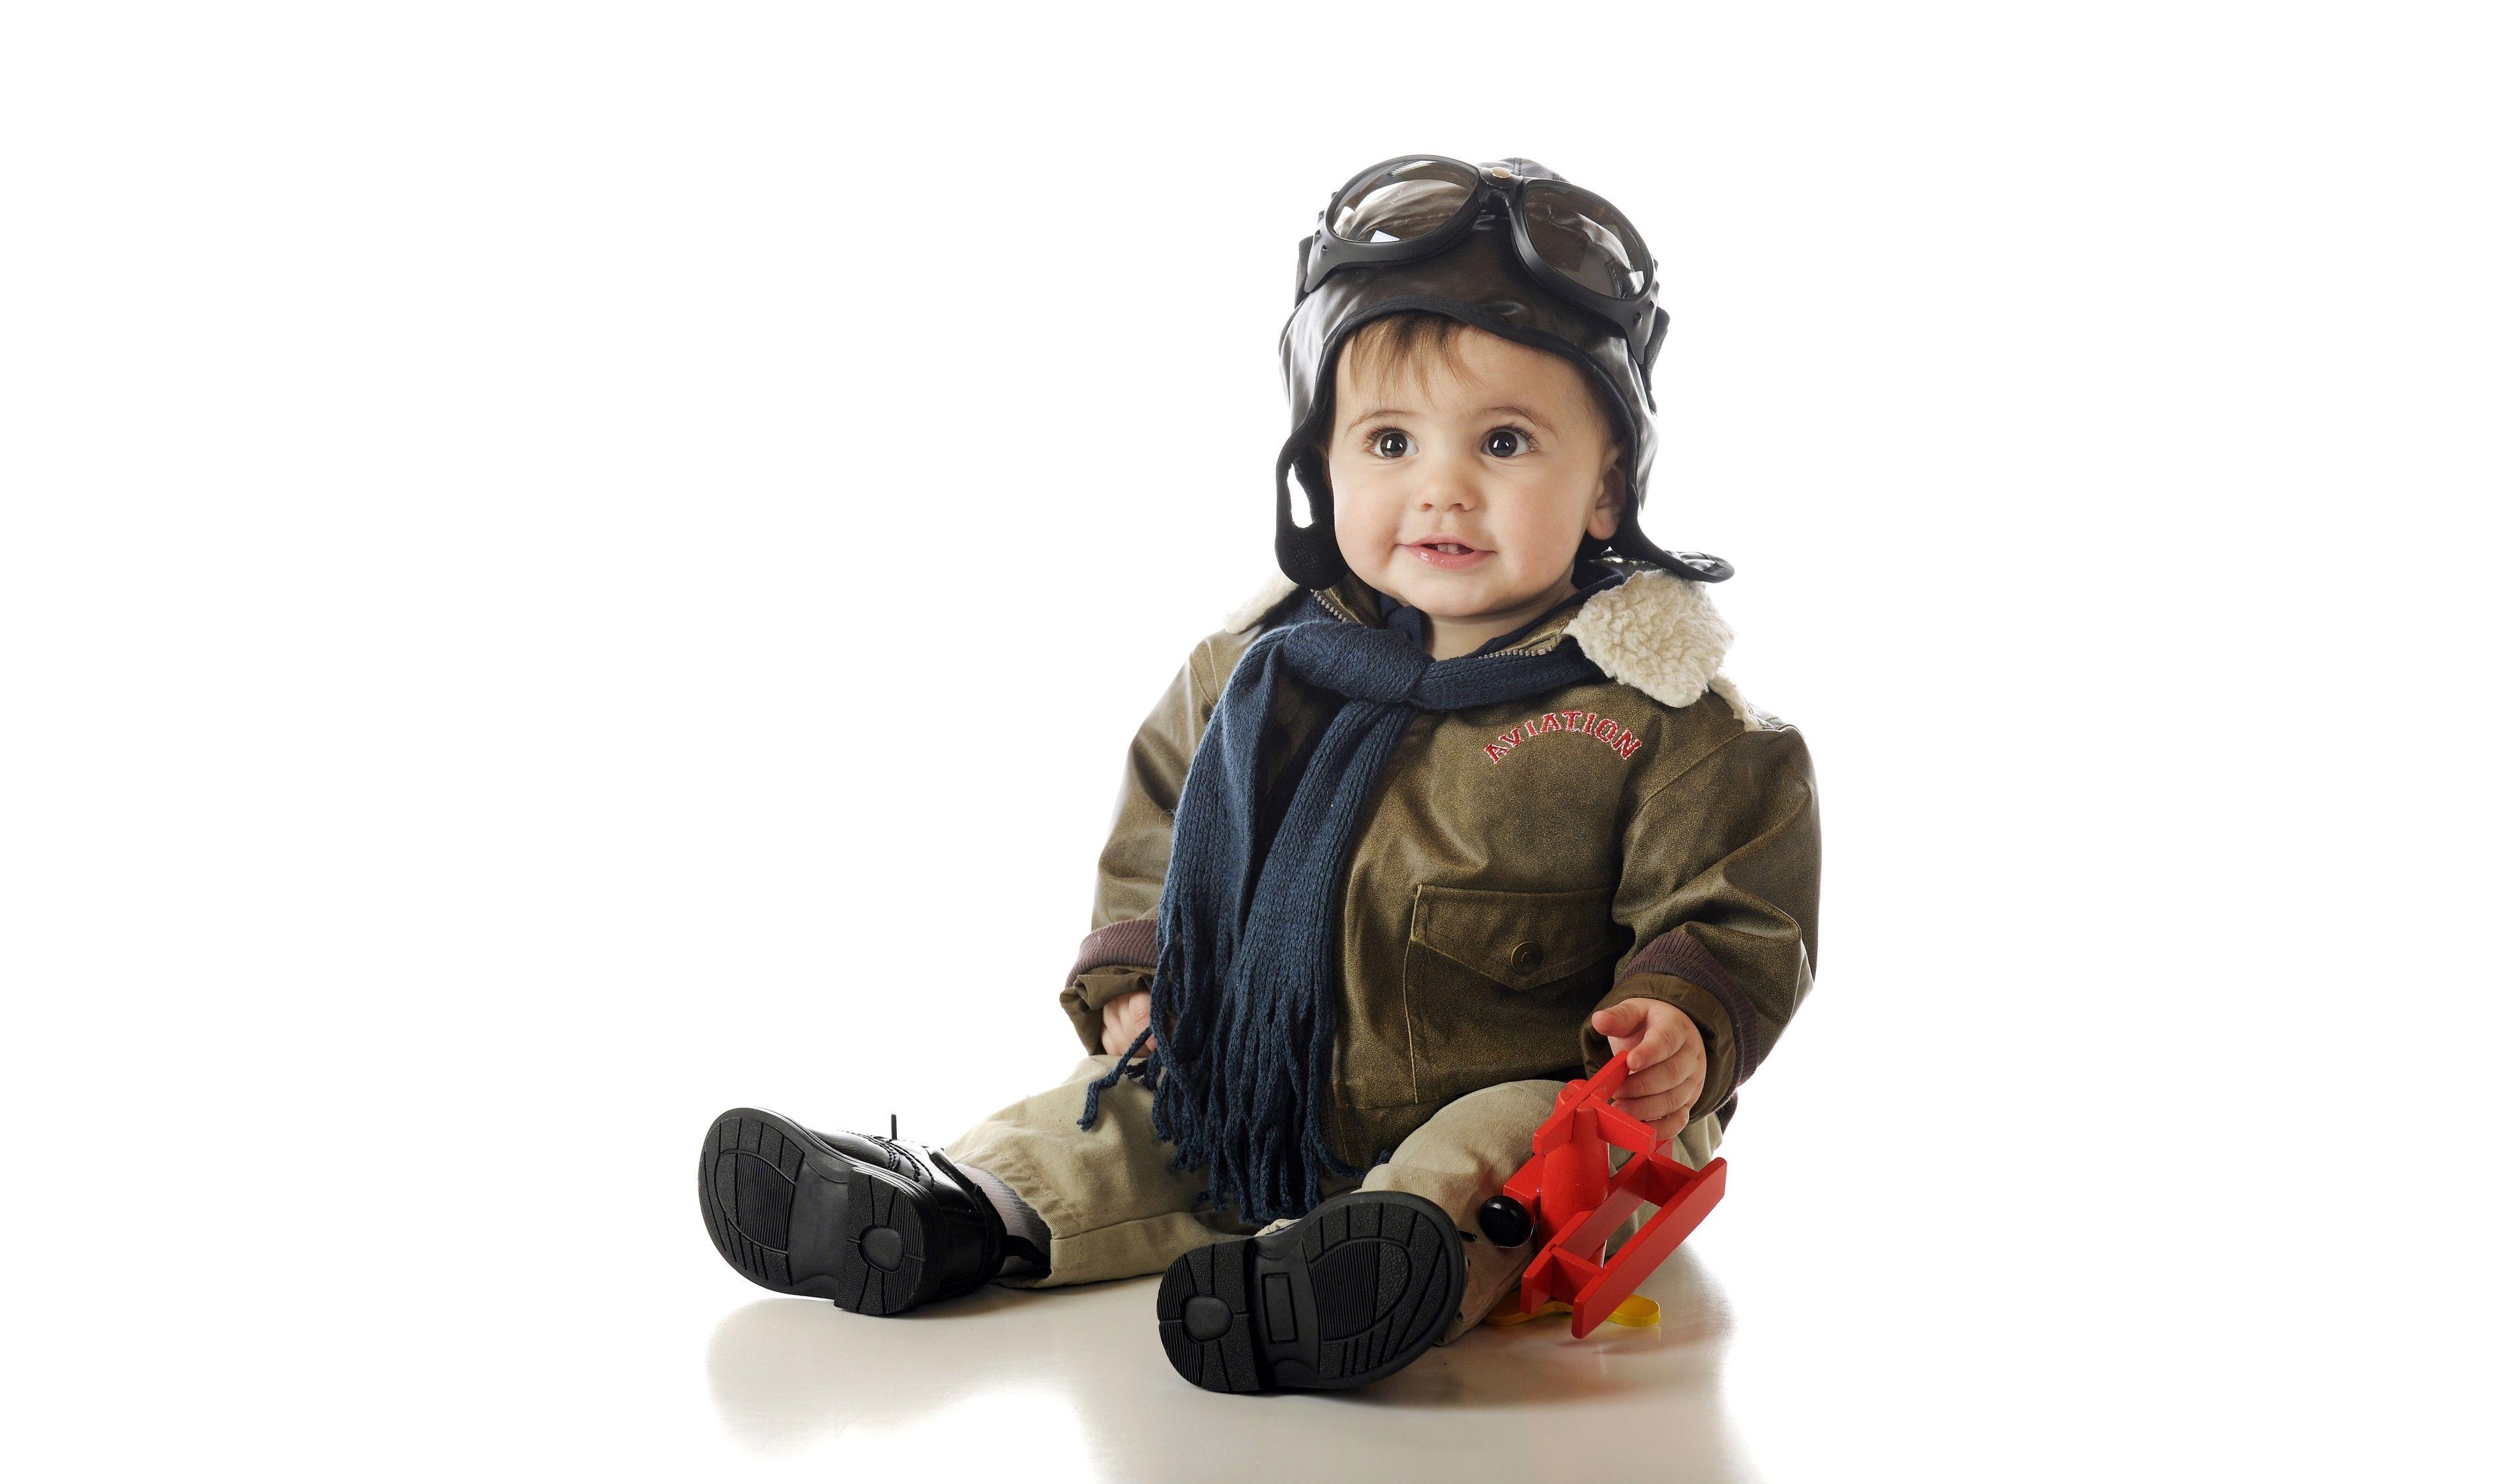 3840x2277 Cute Baby Boy 4k Download Best Hd Desktop Wallpaper Cute Baby Wallpaper Baby Boy Pictures Cute Baby Boy